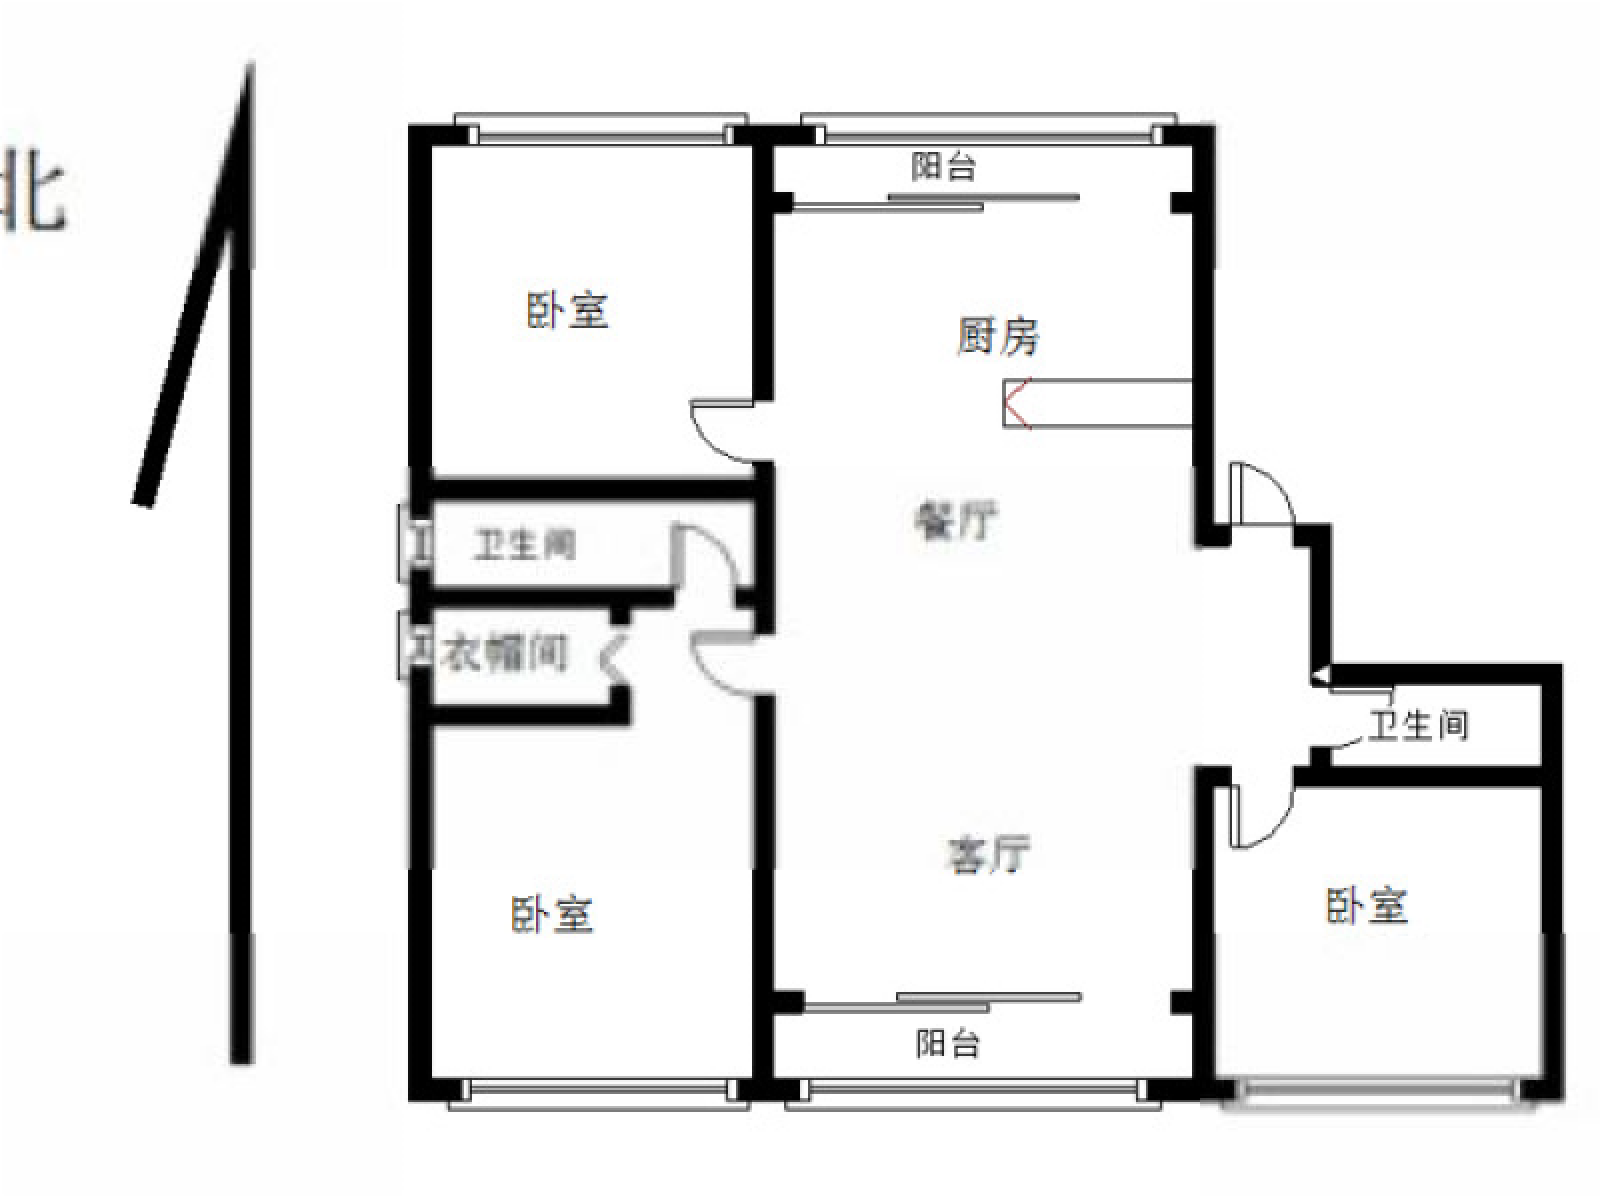 江宁区将军大道爱涛翠湖花园4室2厅户型图